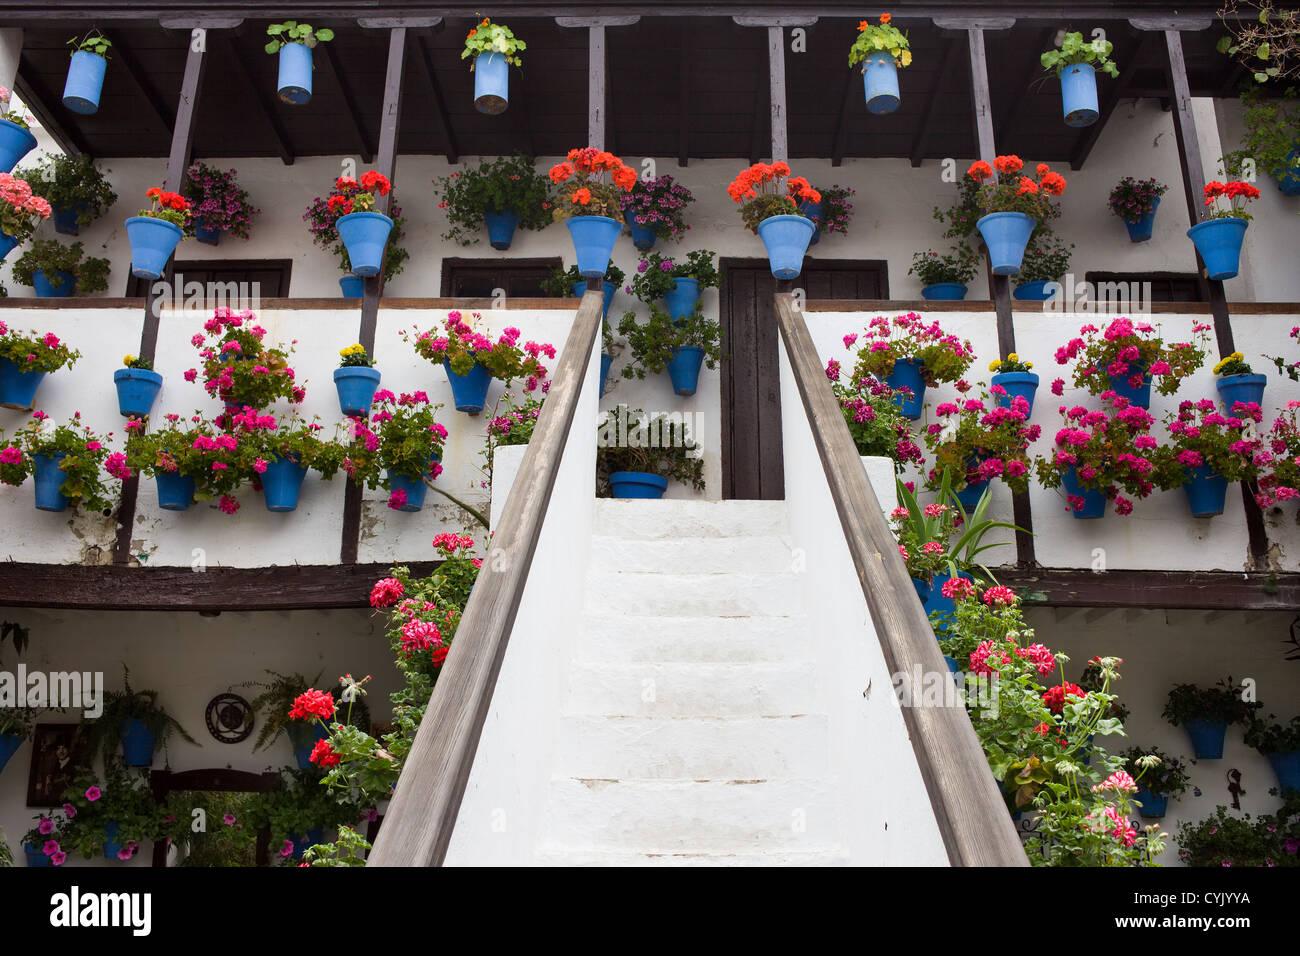 Casa tradizionale in andalusia con vasi di fiori montato for Casa tradizionale tedesca